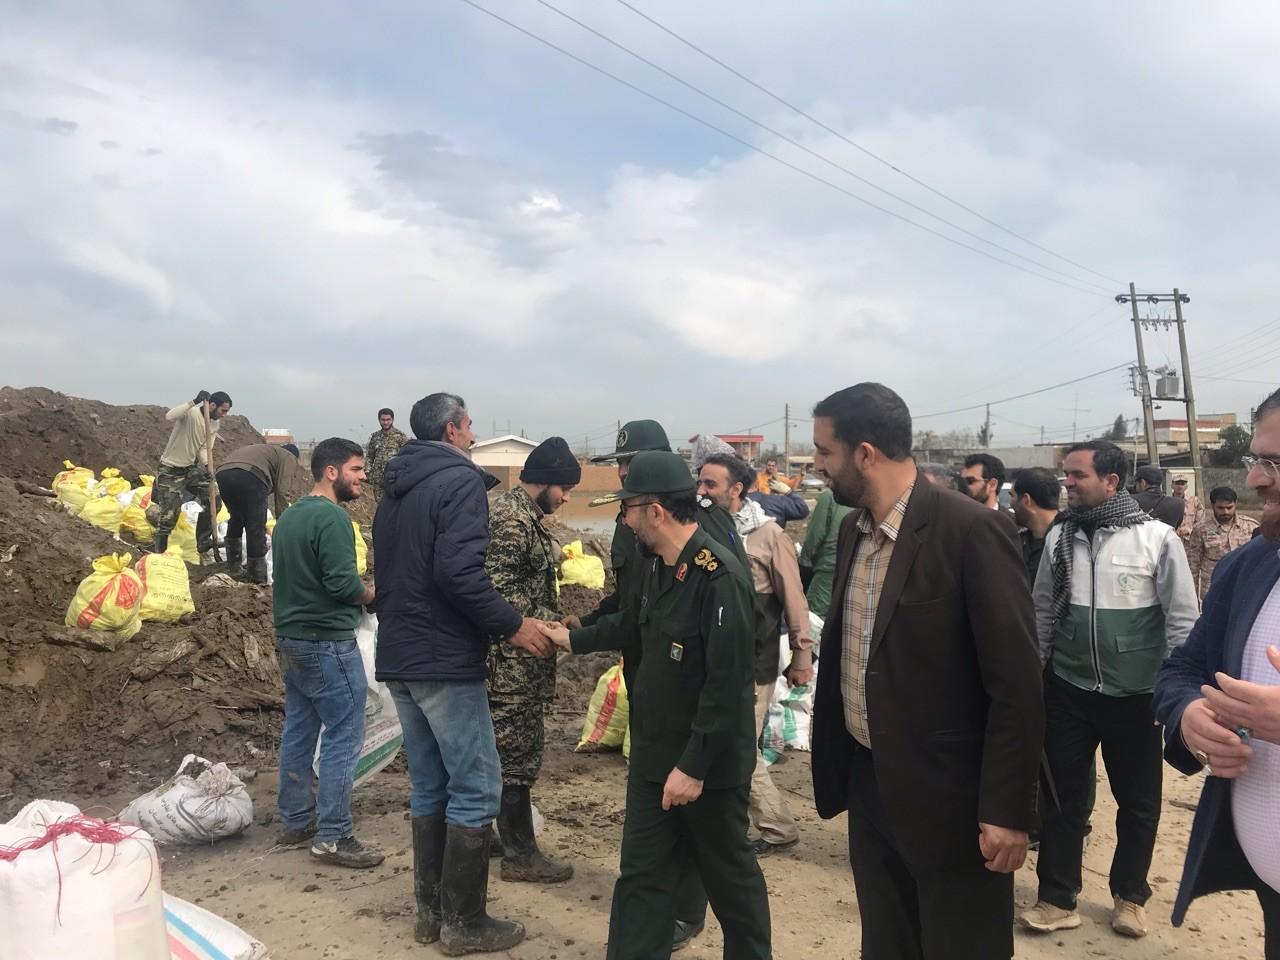 برخی از کمکهای مردم خراسان رضوی به مناطق سیل زده رسیده است/